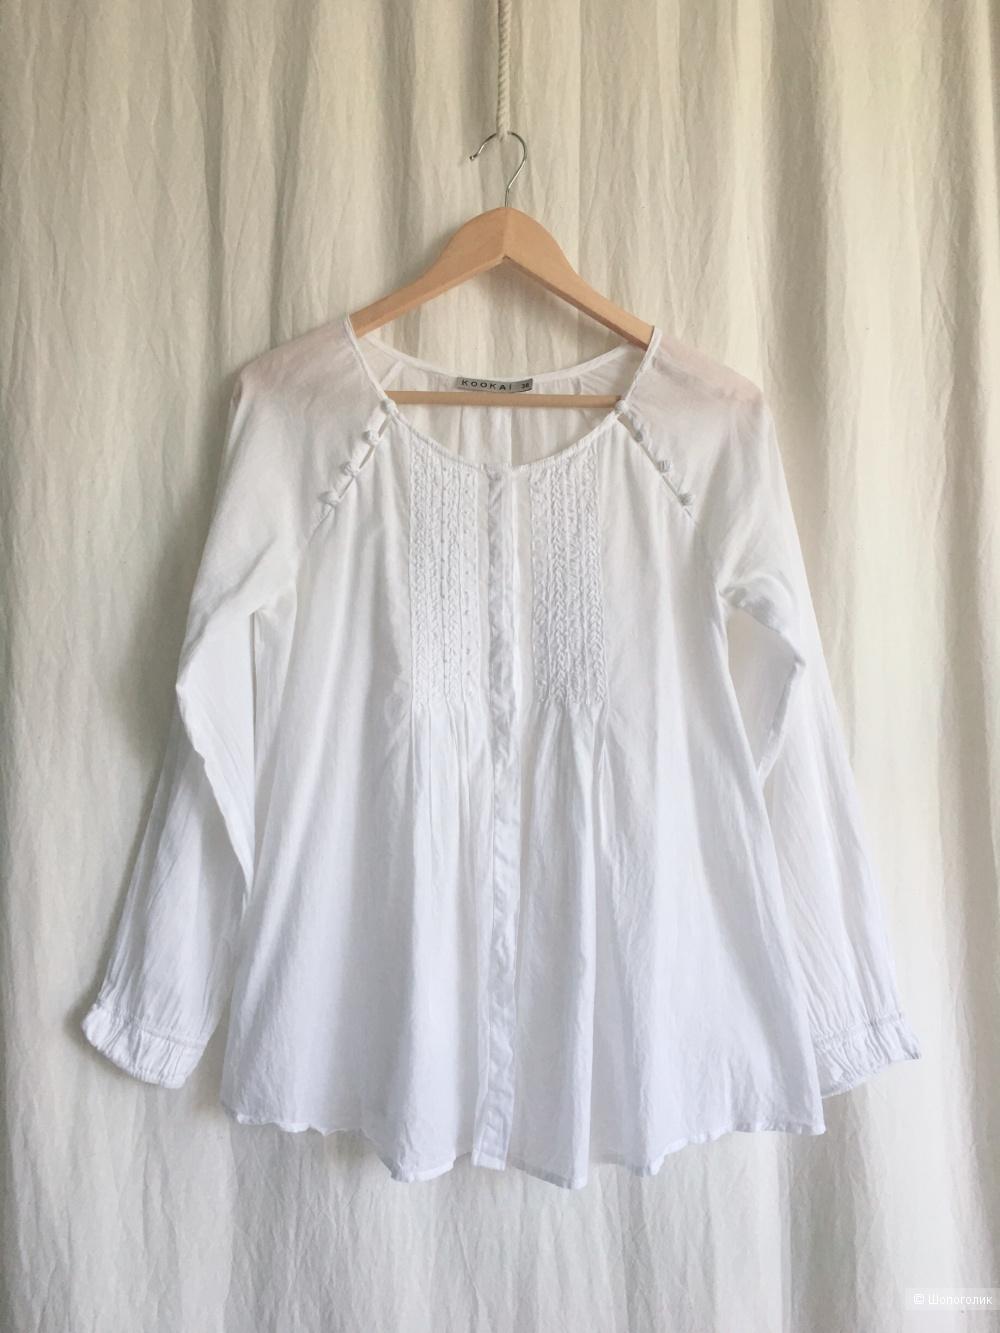 Рубашка Kookai. Размер 38.